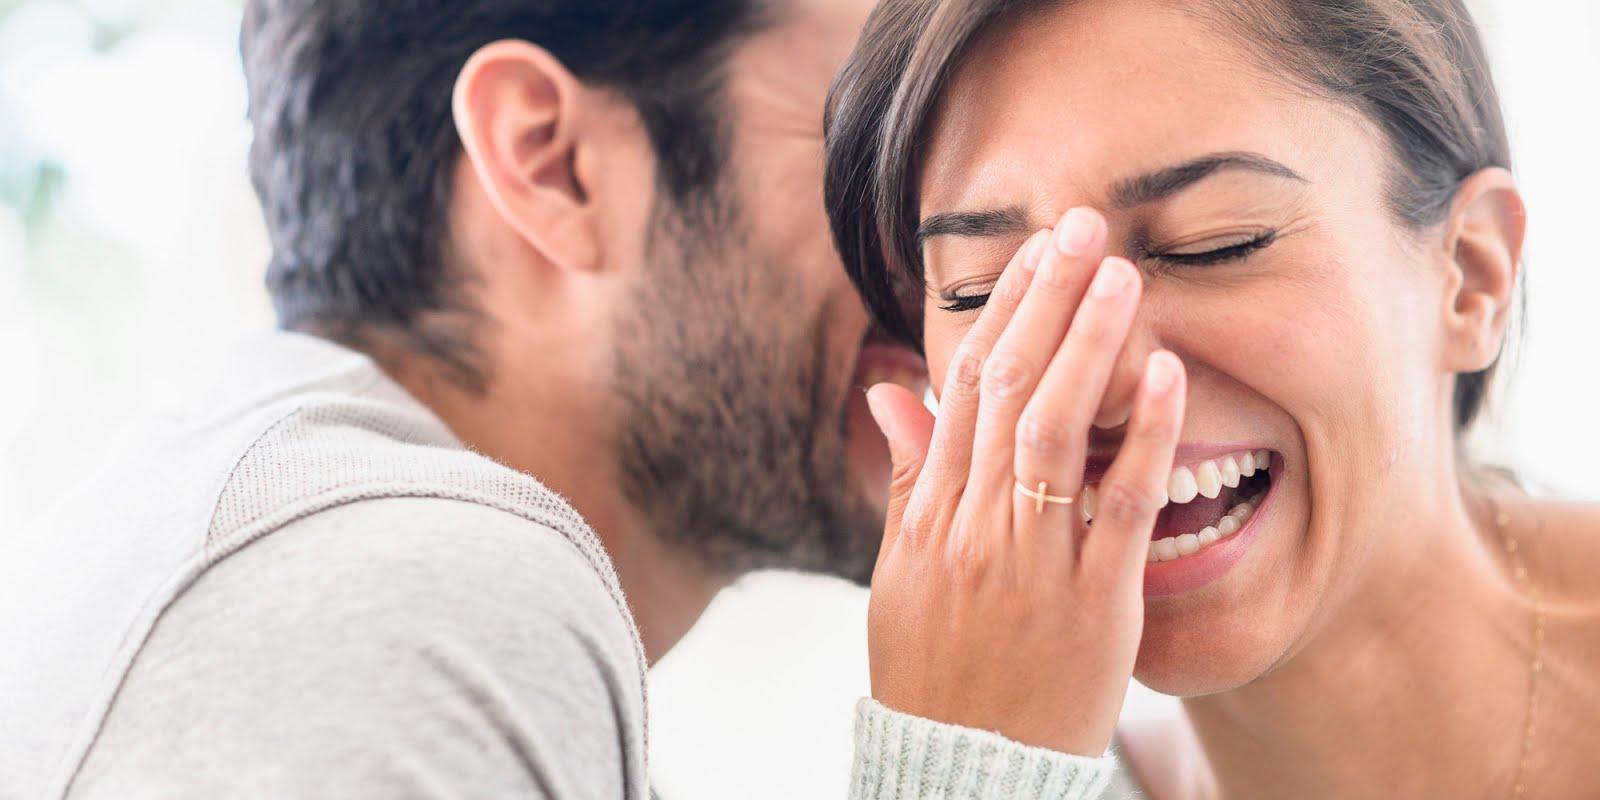 10 كلمات لحياة زوجية سعيدة أبدية